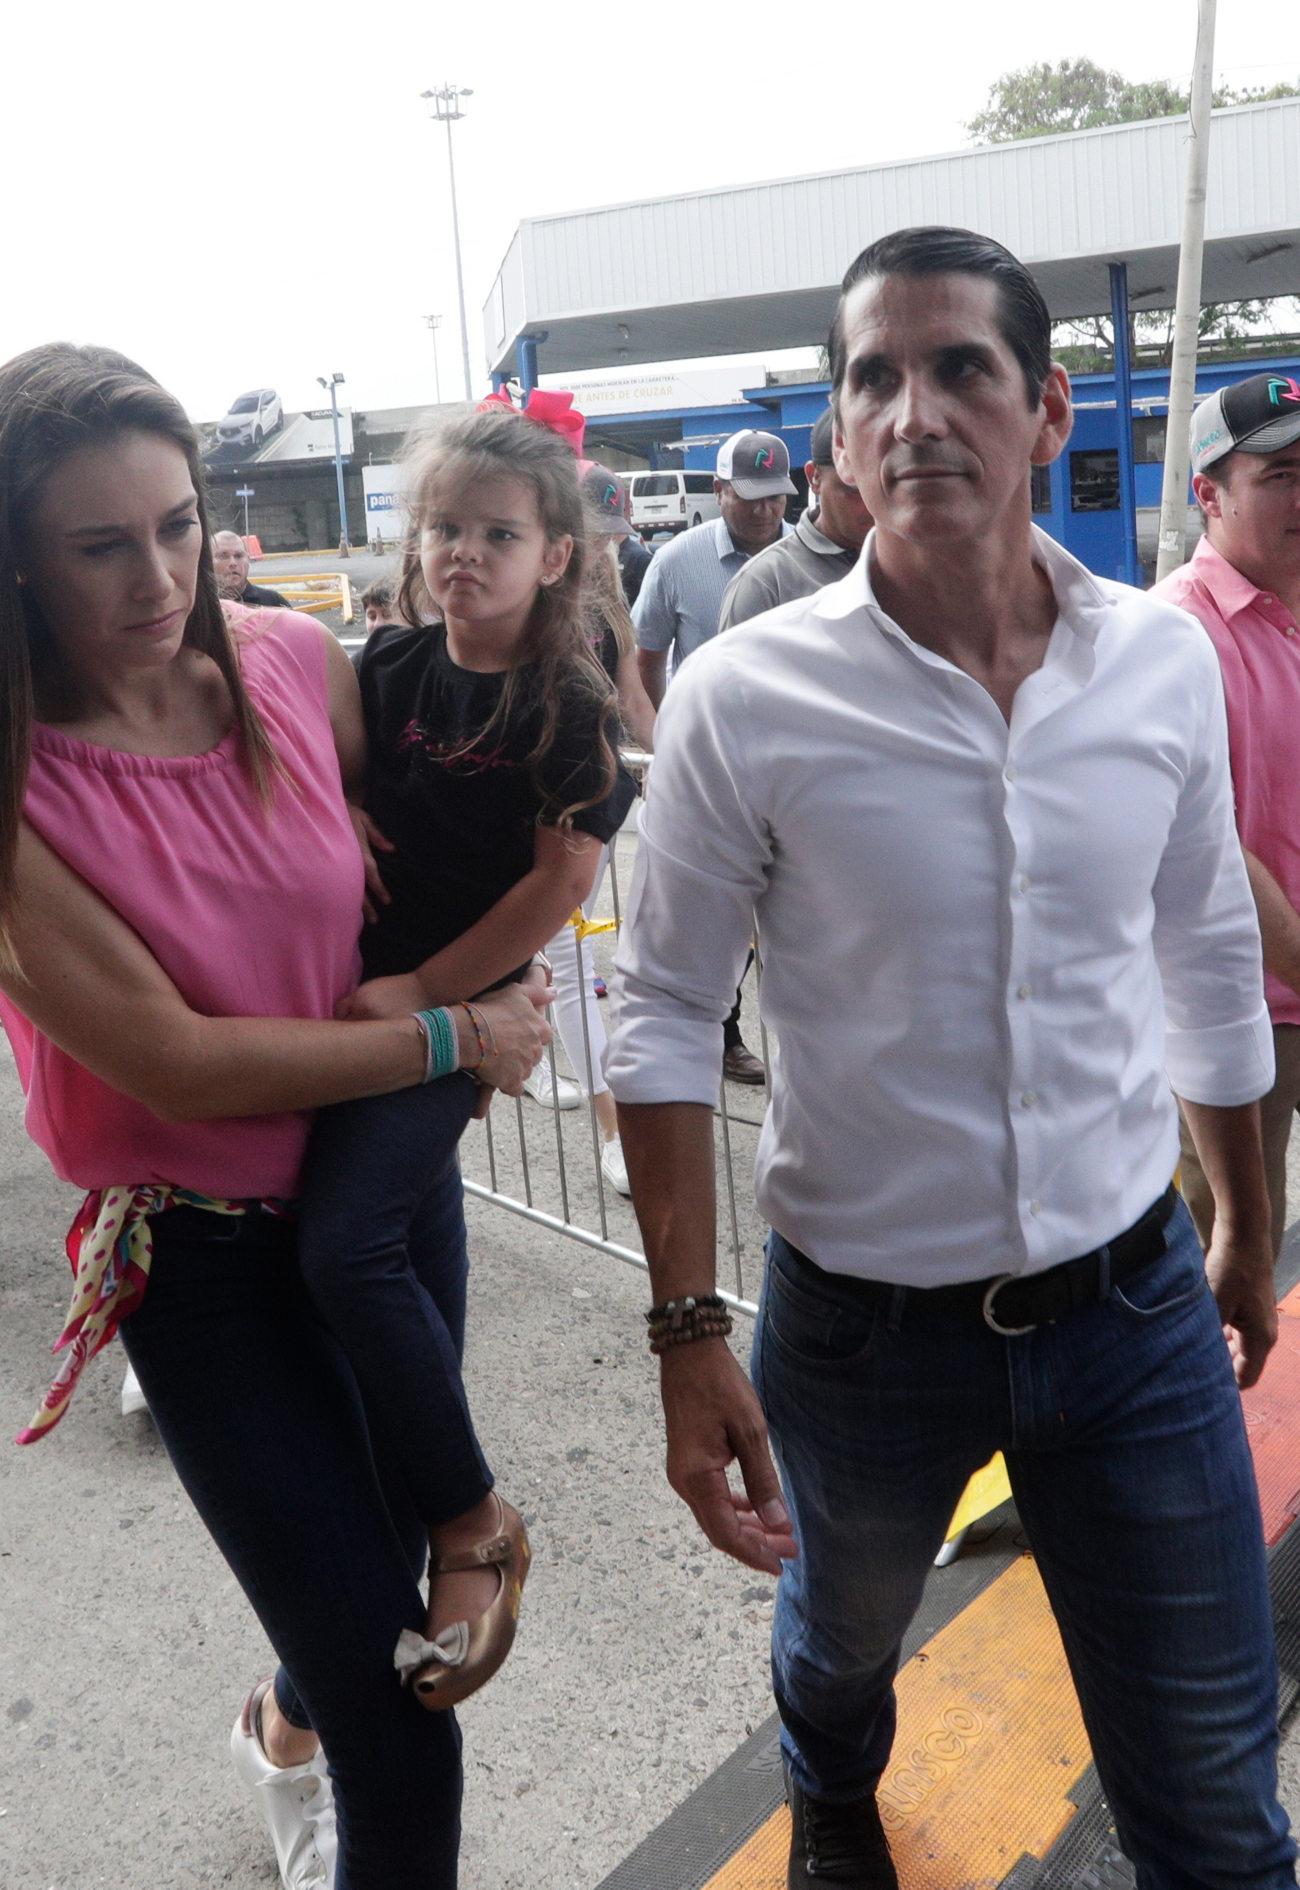 Ο δεξιός προεδρικός υποψήφιος στον Παναμά Ρομούλο Ρουξ που αμφισβητεί τη νίκη του Κορτίζο